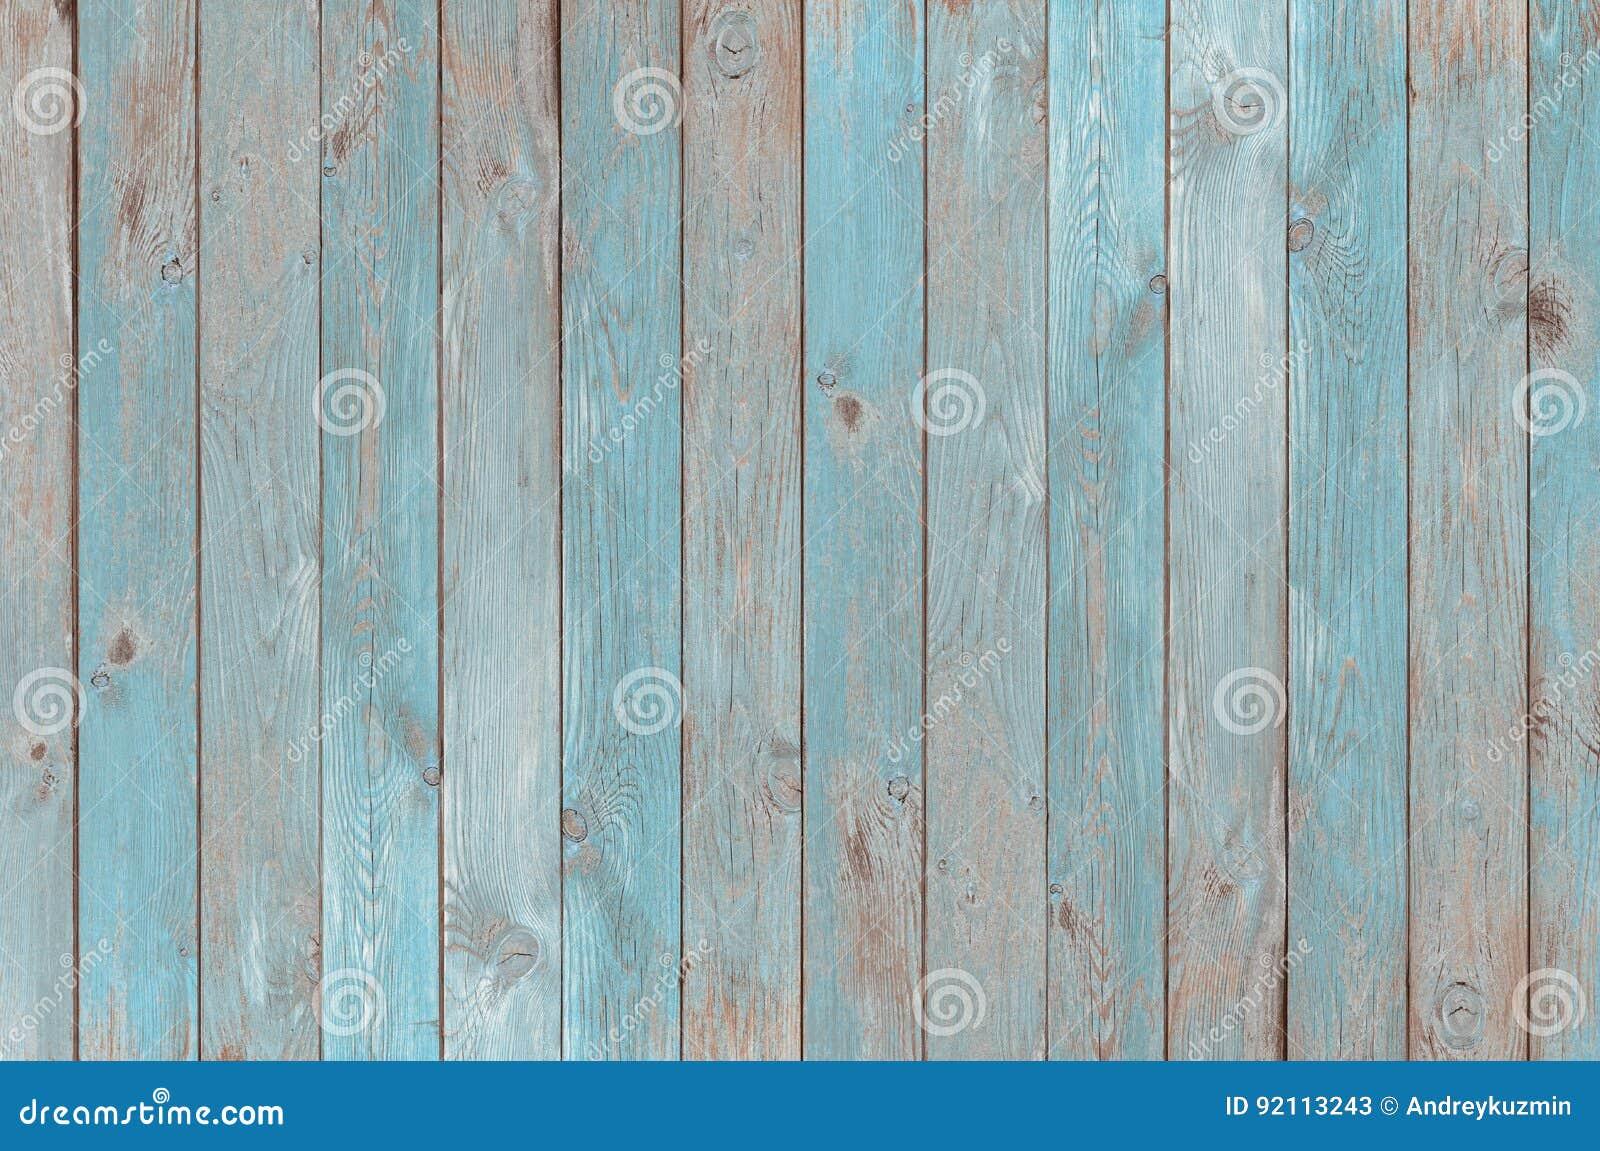 Tablones de madera textura o fondo del vintage azul foto - Tablones de madera baratos ...